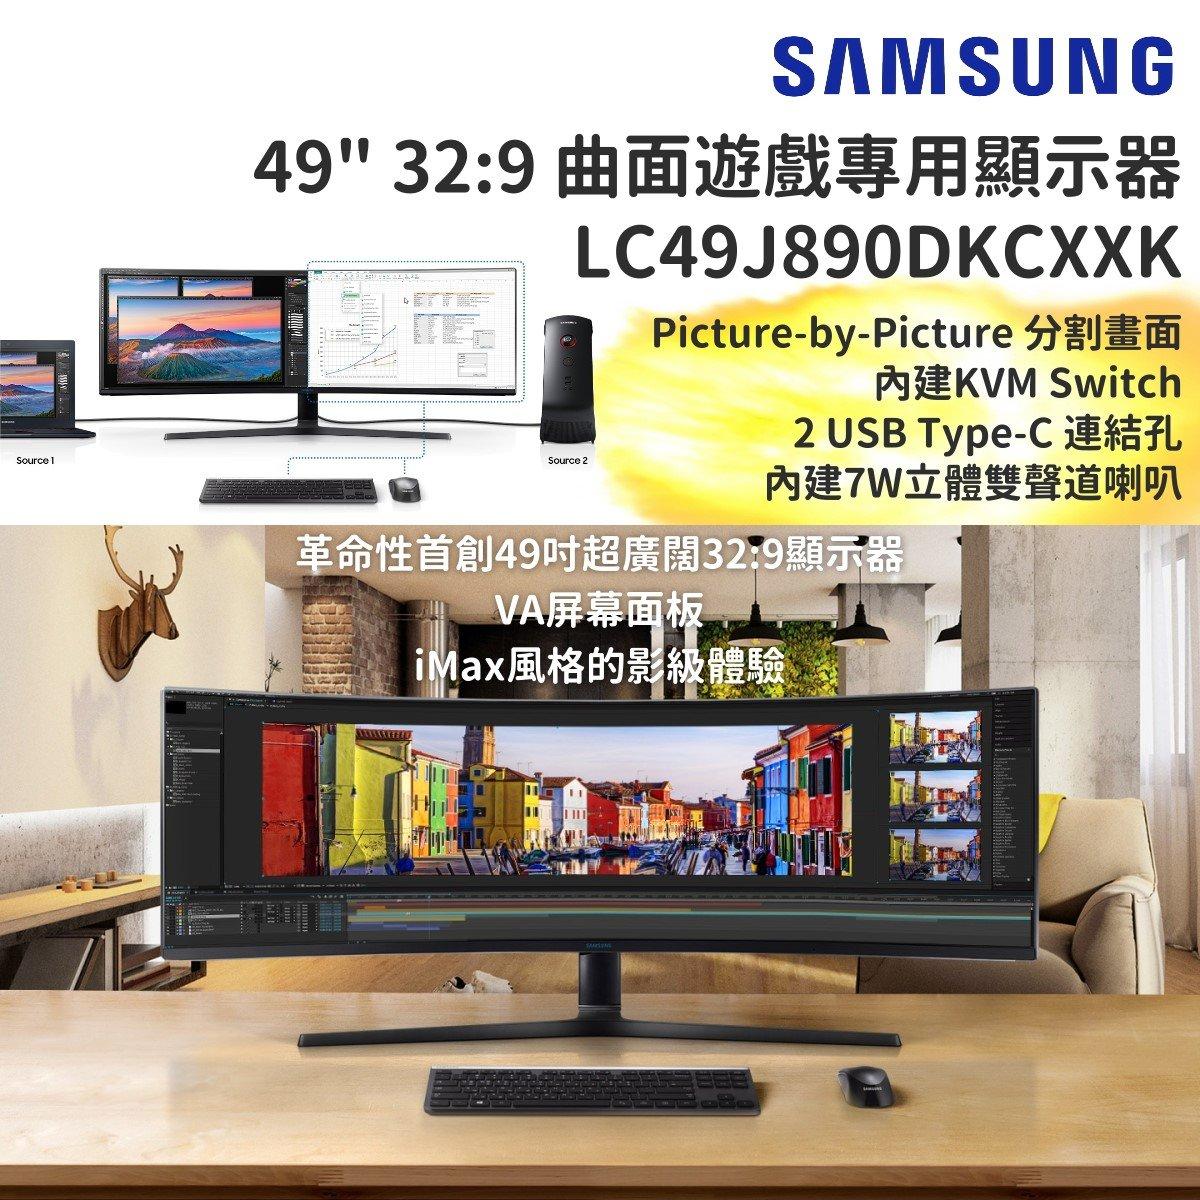 """49"""" 32:9 超寬曲面遊戲專用LED顯示器 CJ890 LC49J890DKCXXK"""